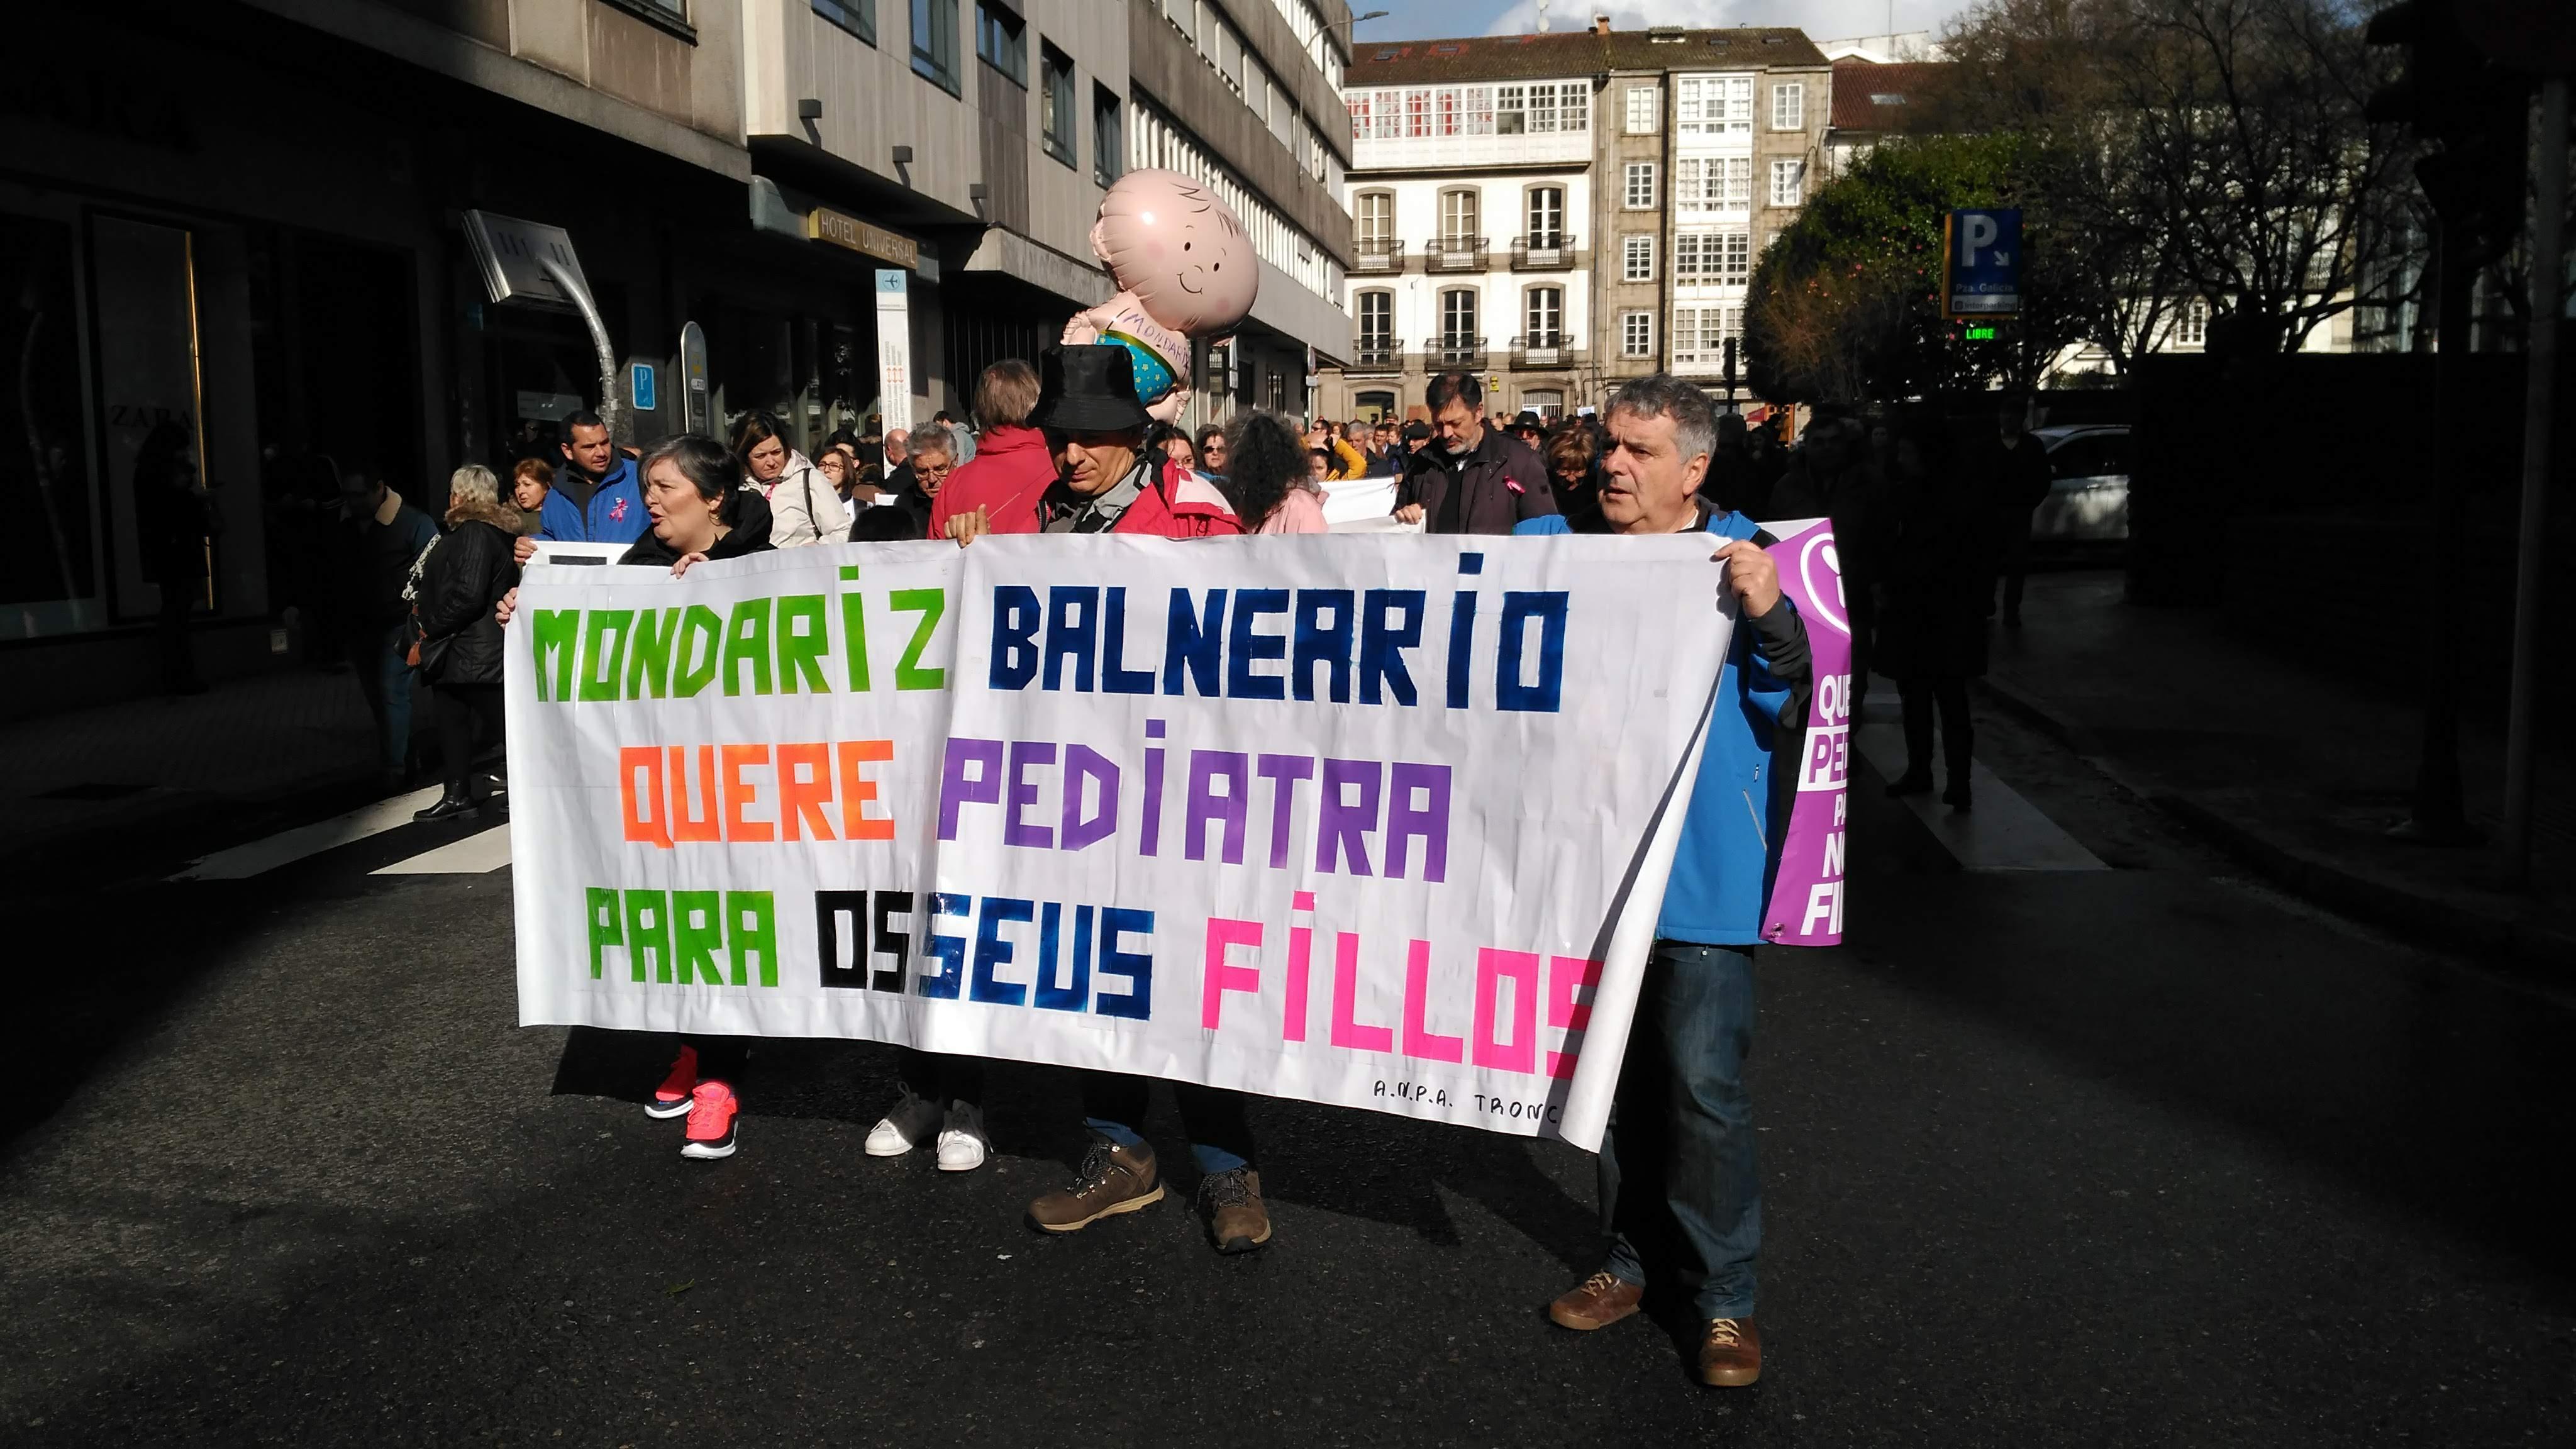 Veciñanza de Mondariz Balneario reclama máis pediatras durante a manifestación